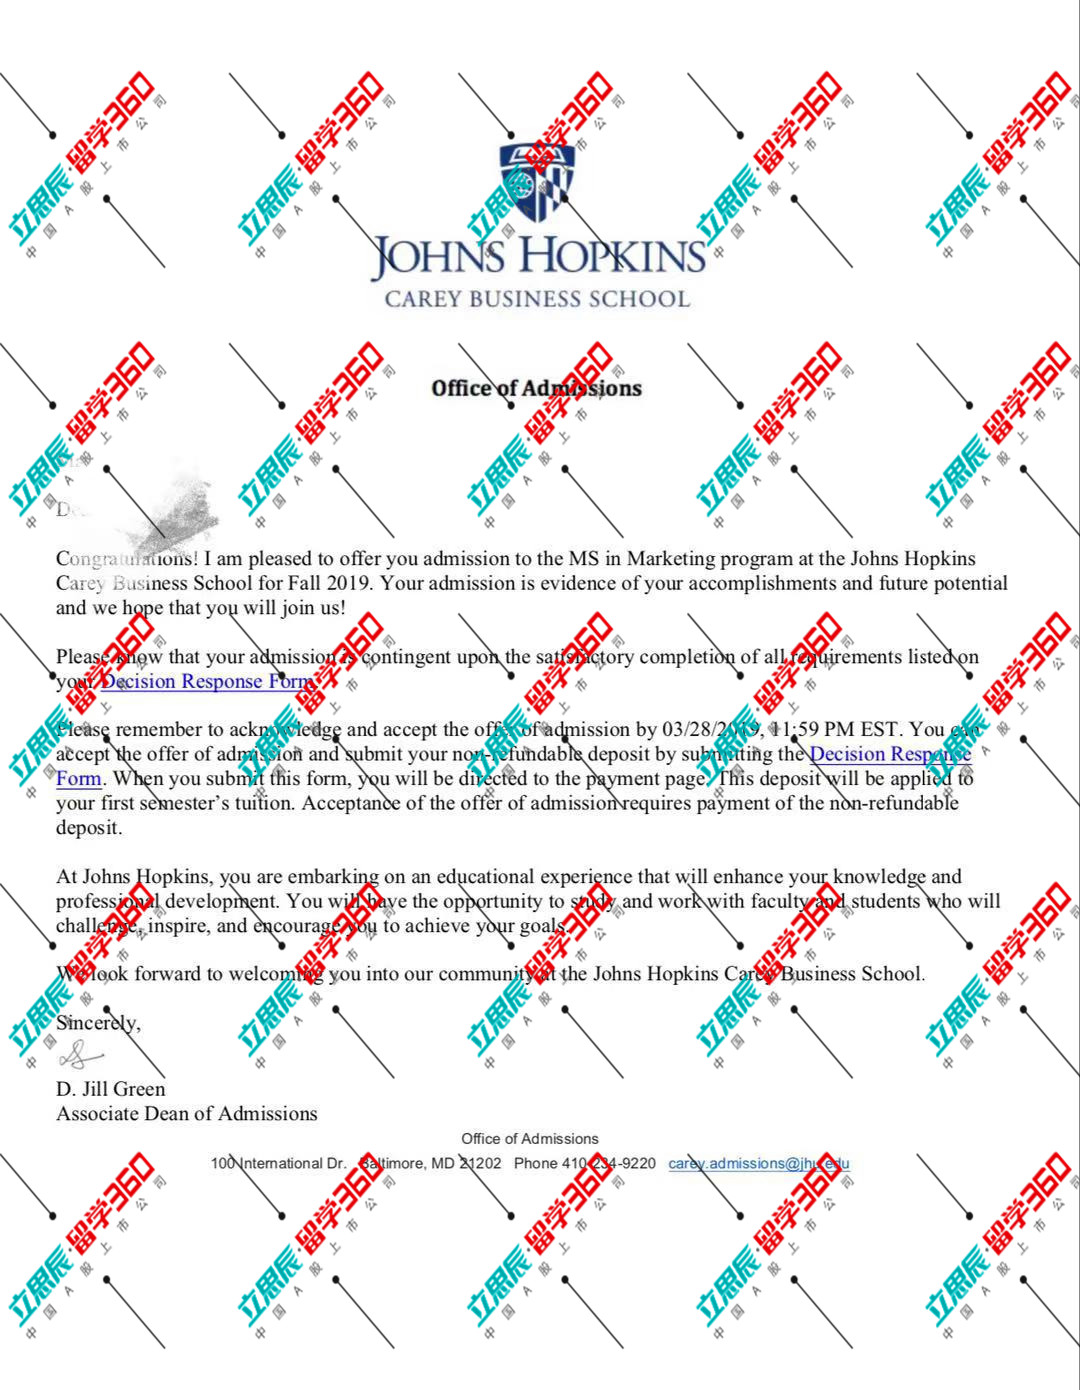 提升背景,推敲文书,终获约翰霍普金斯offer!